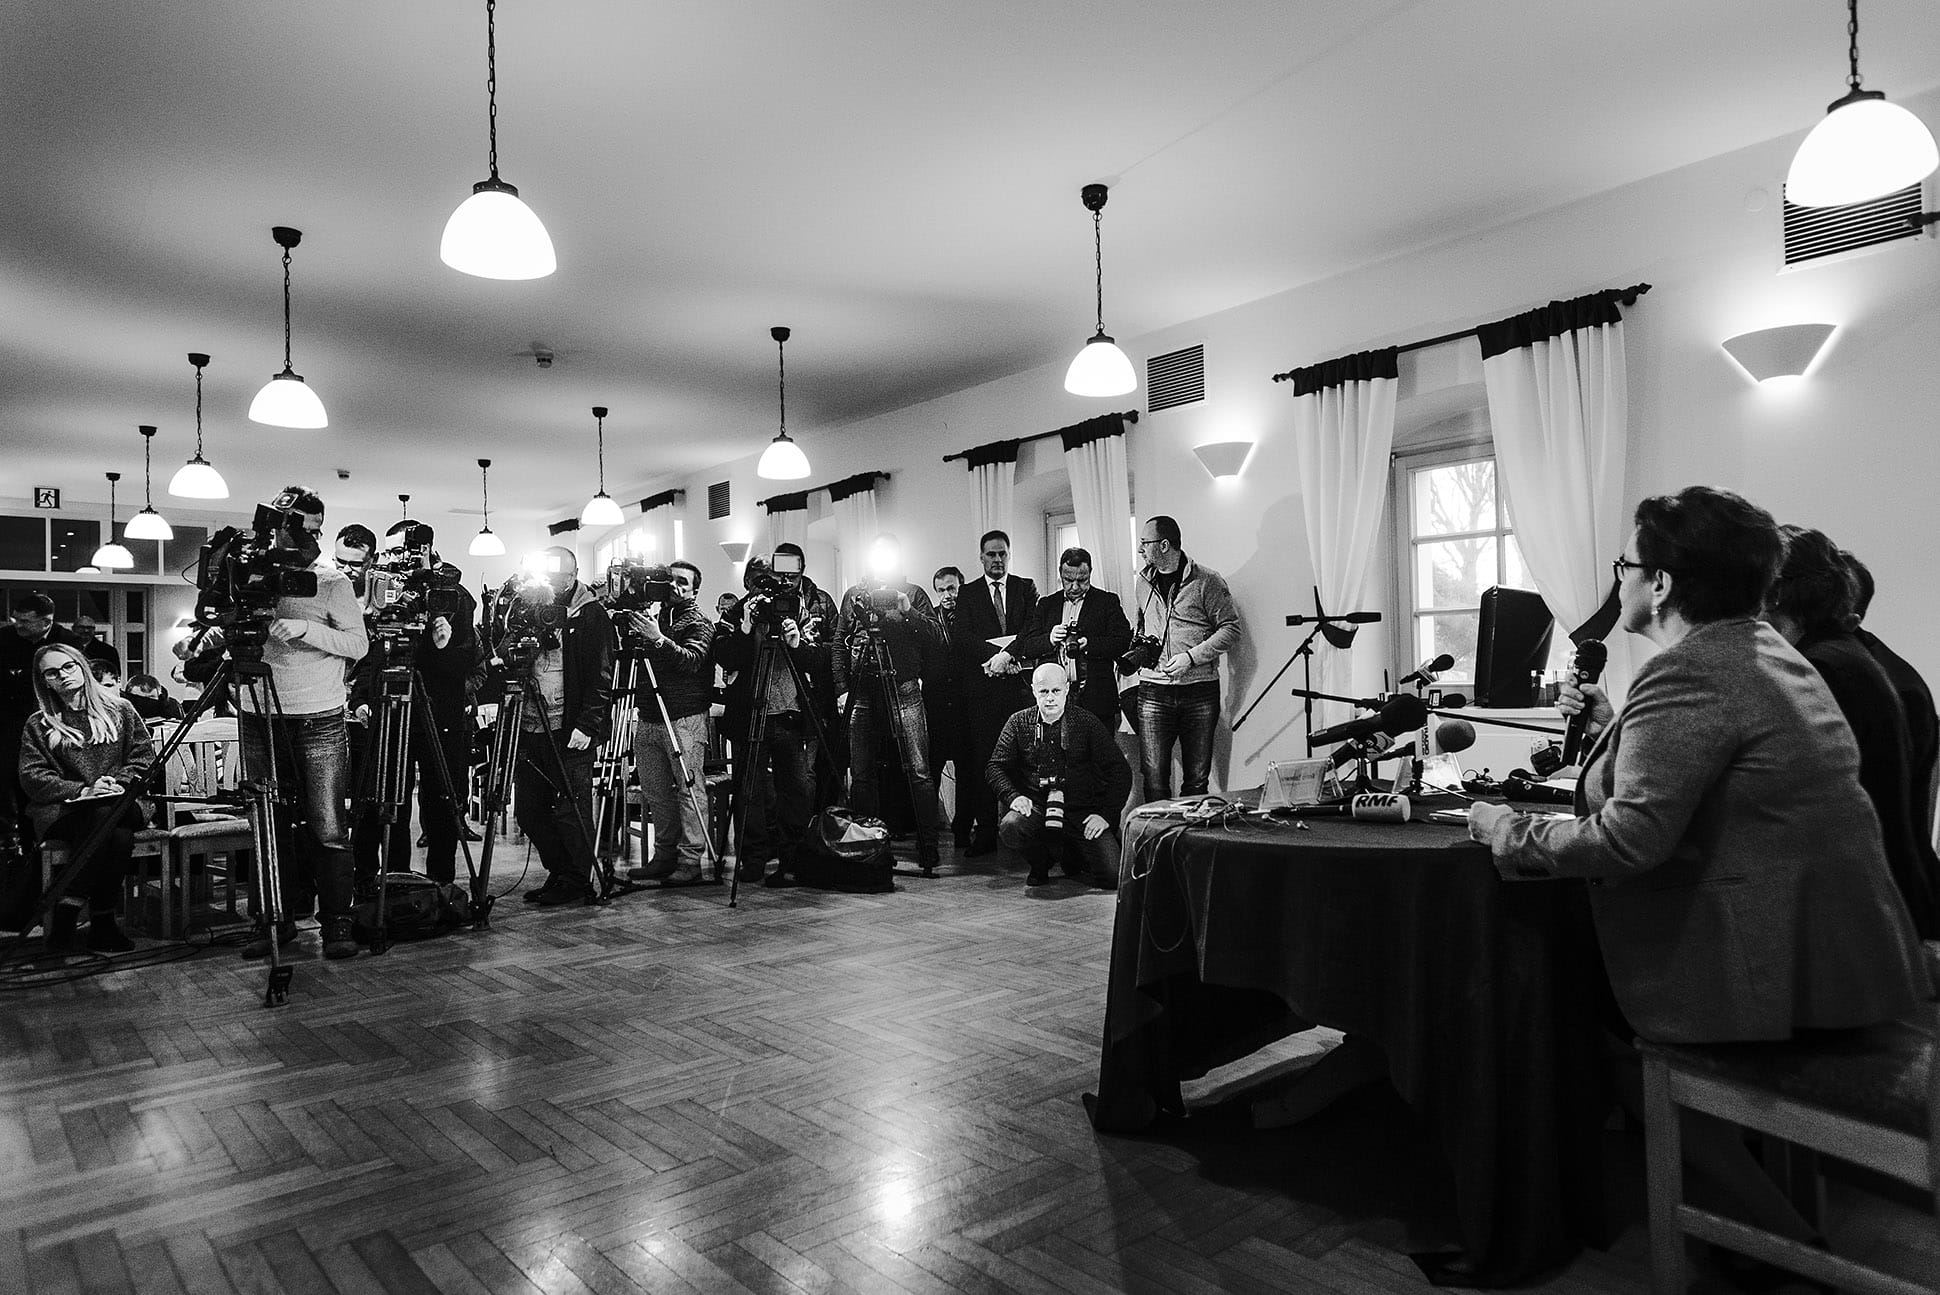 Fotograf na konferencji prasowej – powrót do korzeni